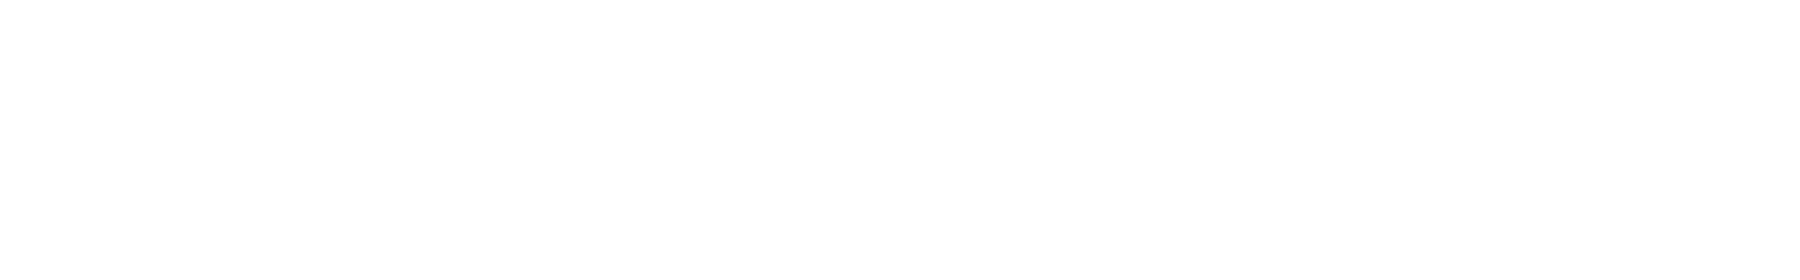 dts chordlp 31 gm